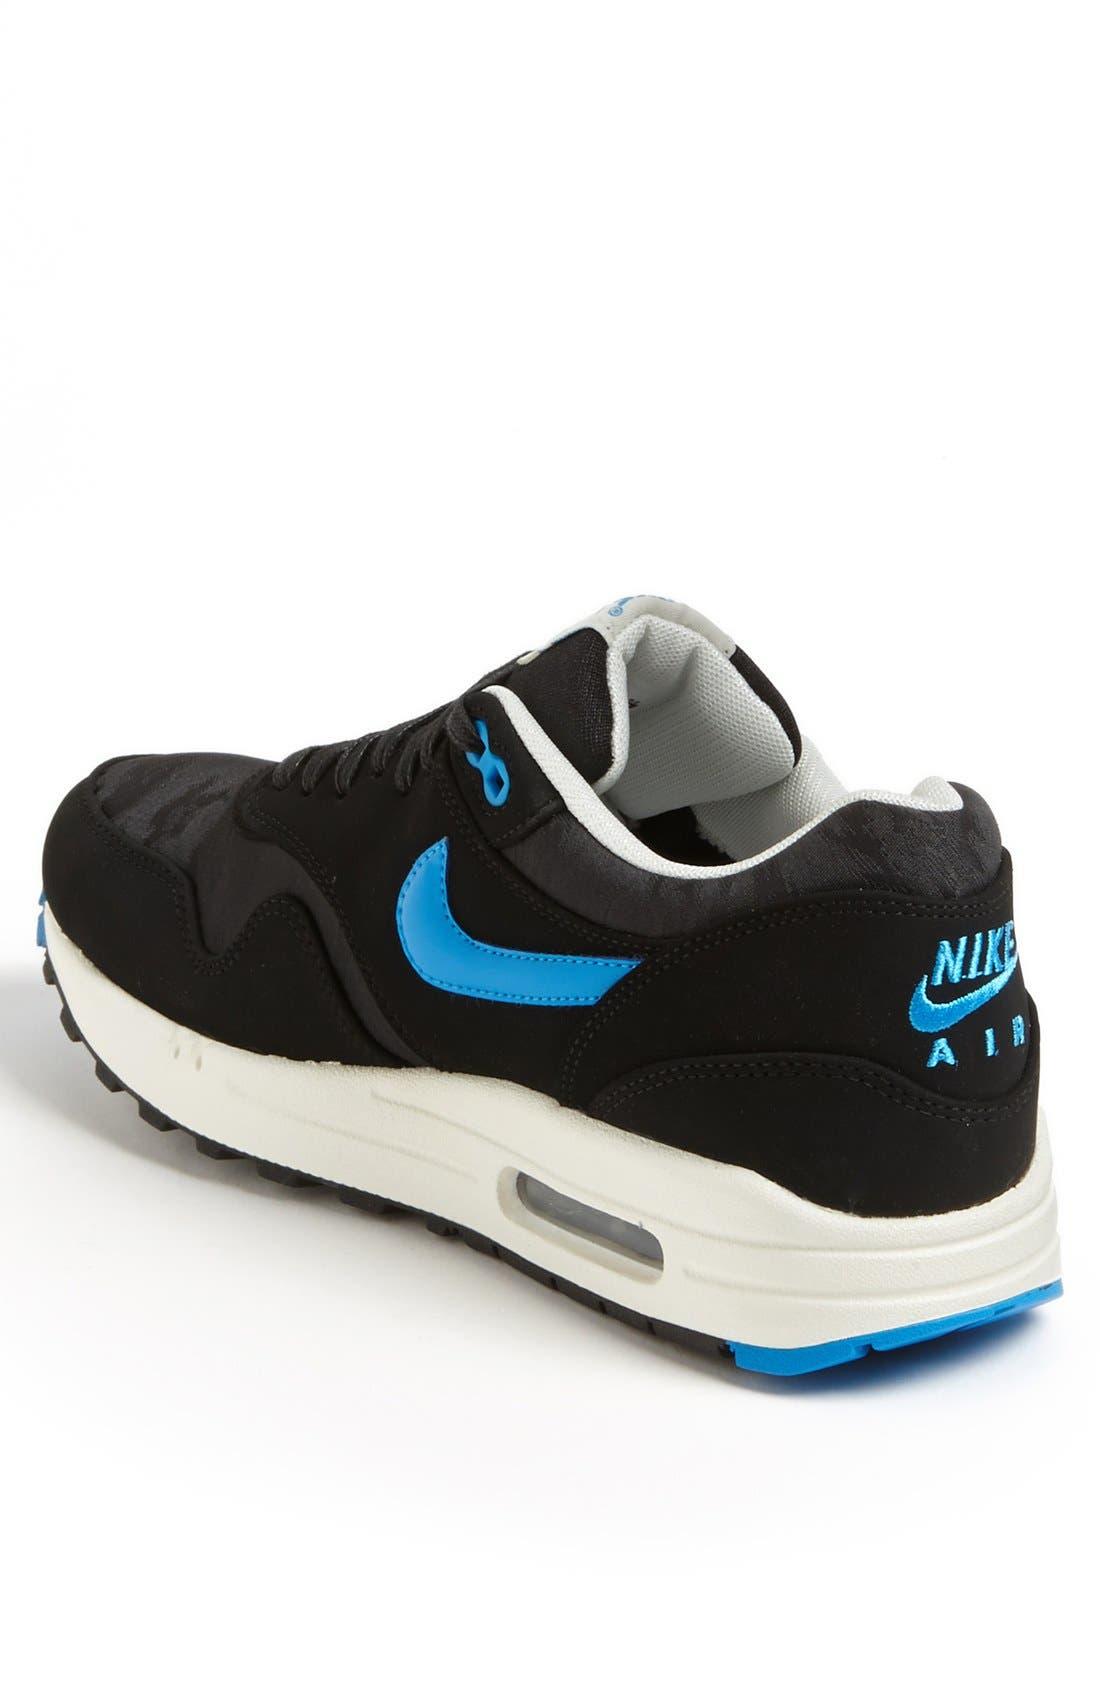 NIKE, 'Air Max 1 Premium' Sneaker, Alternate thumbnail 3, color, 014